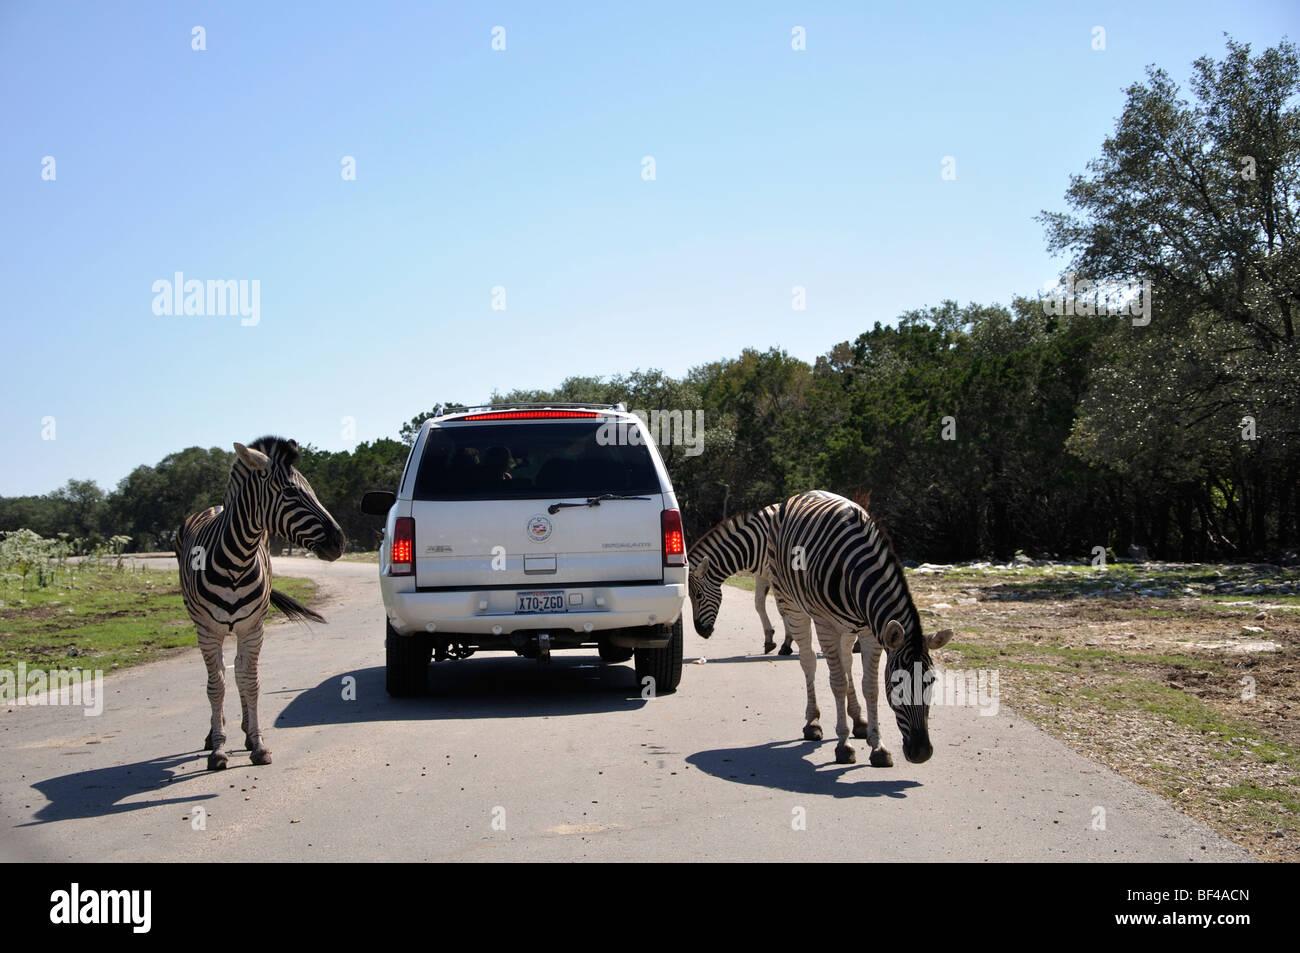 African Safari in Texas - Stock Image